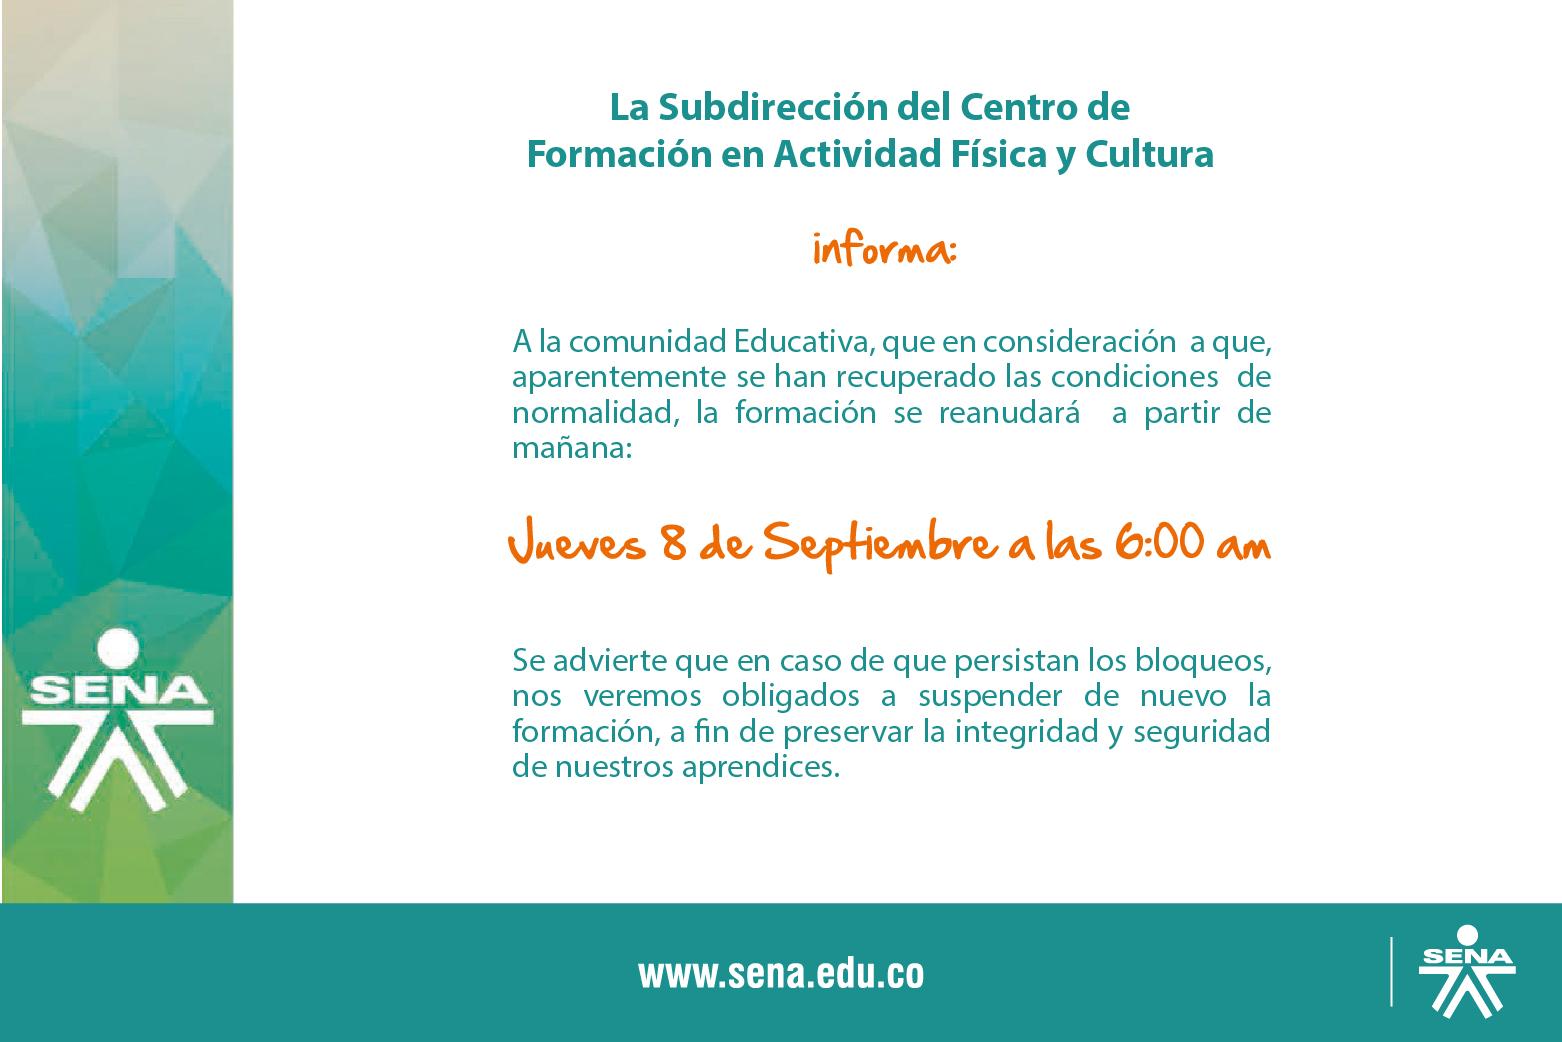 Centro de formaci n en actividad f sica y cultura anuncio for On centro de formacion